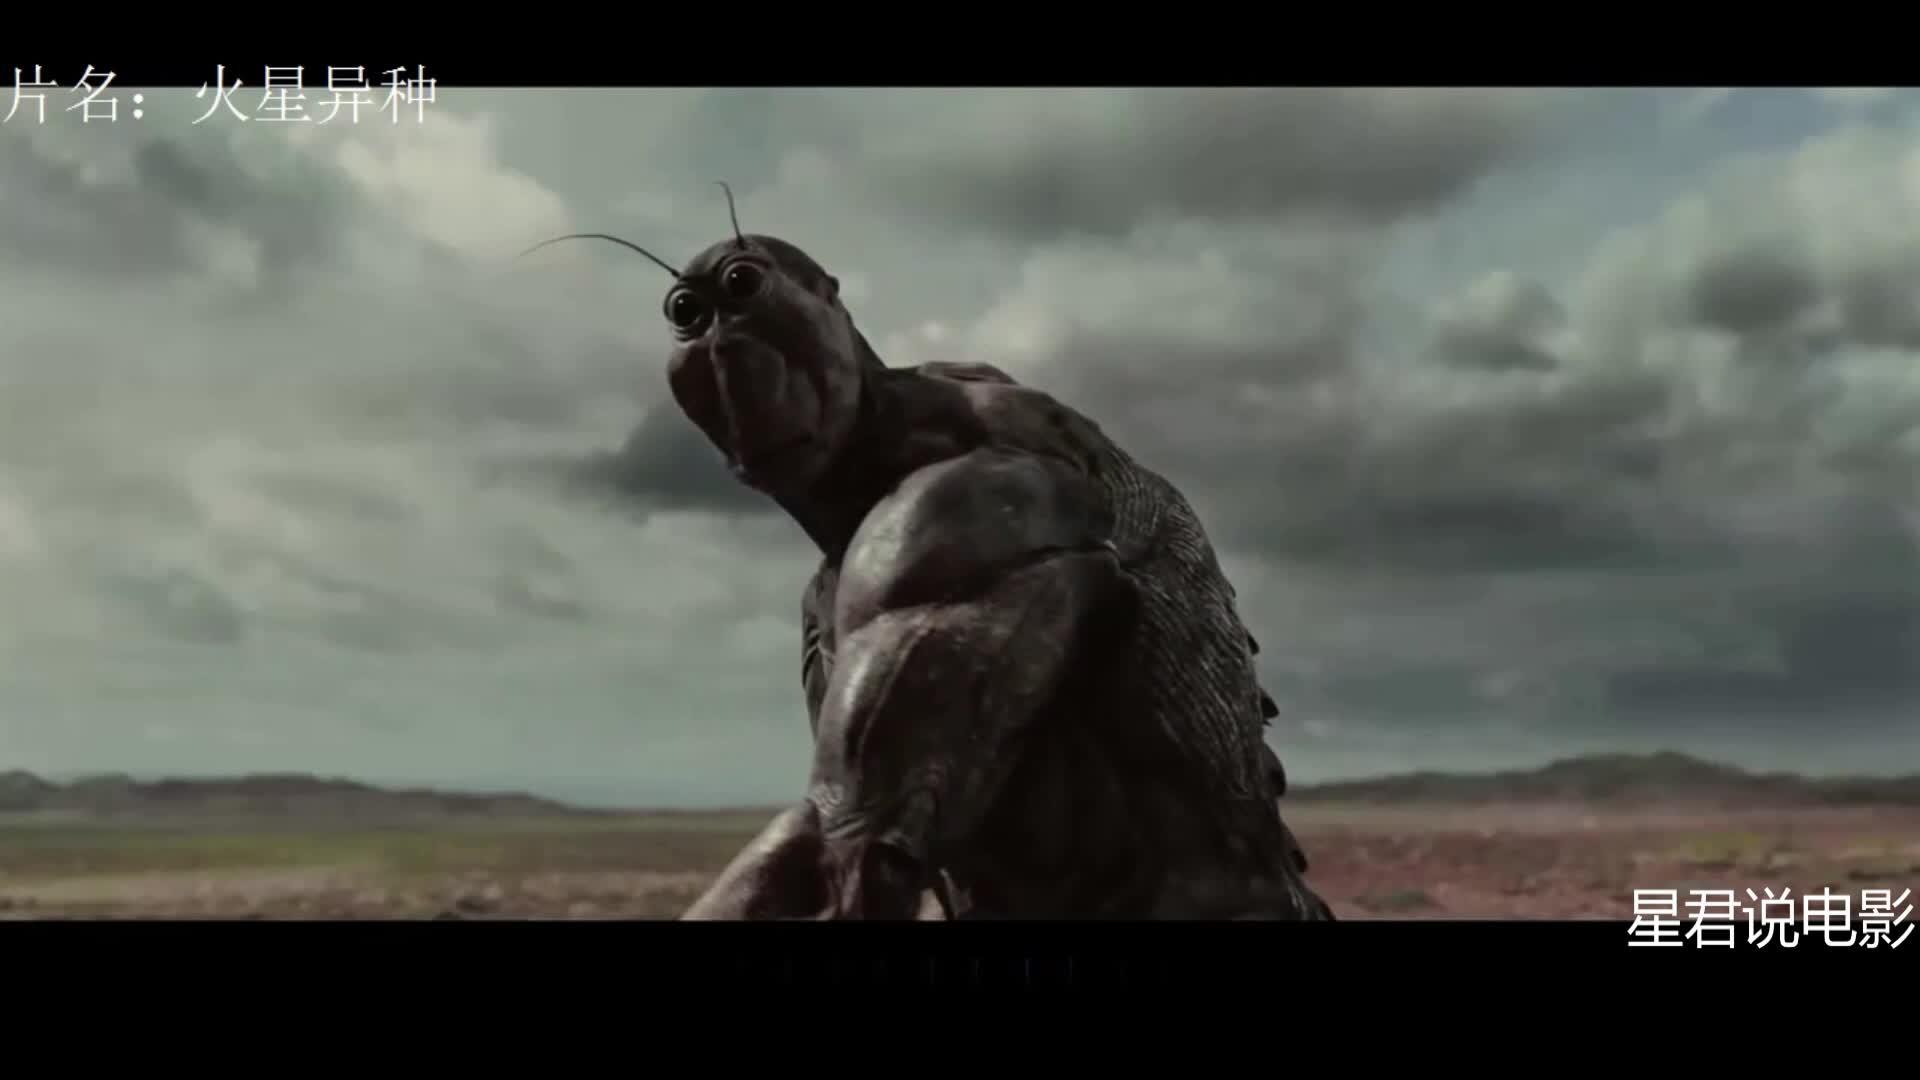 #经典看电影#500年后,蟑螂比人类还强壮,差点毁灭日本!